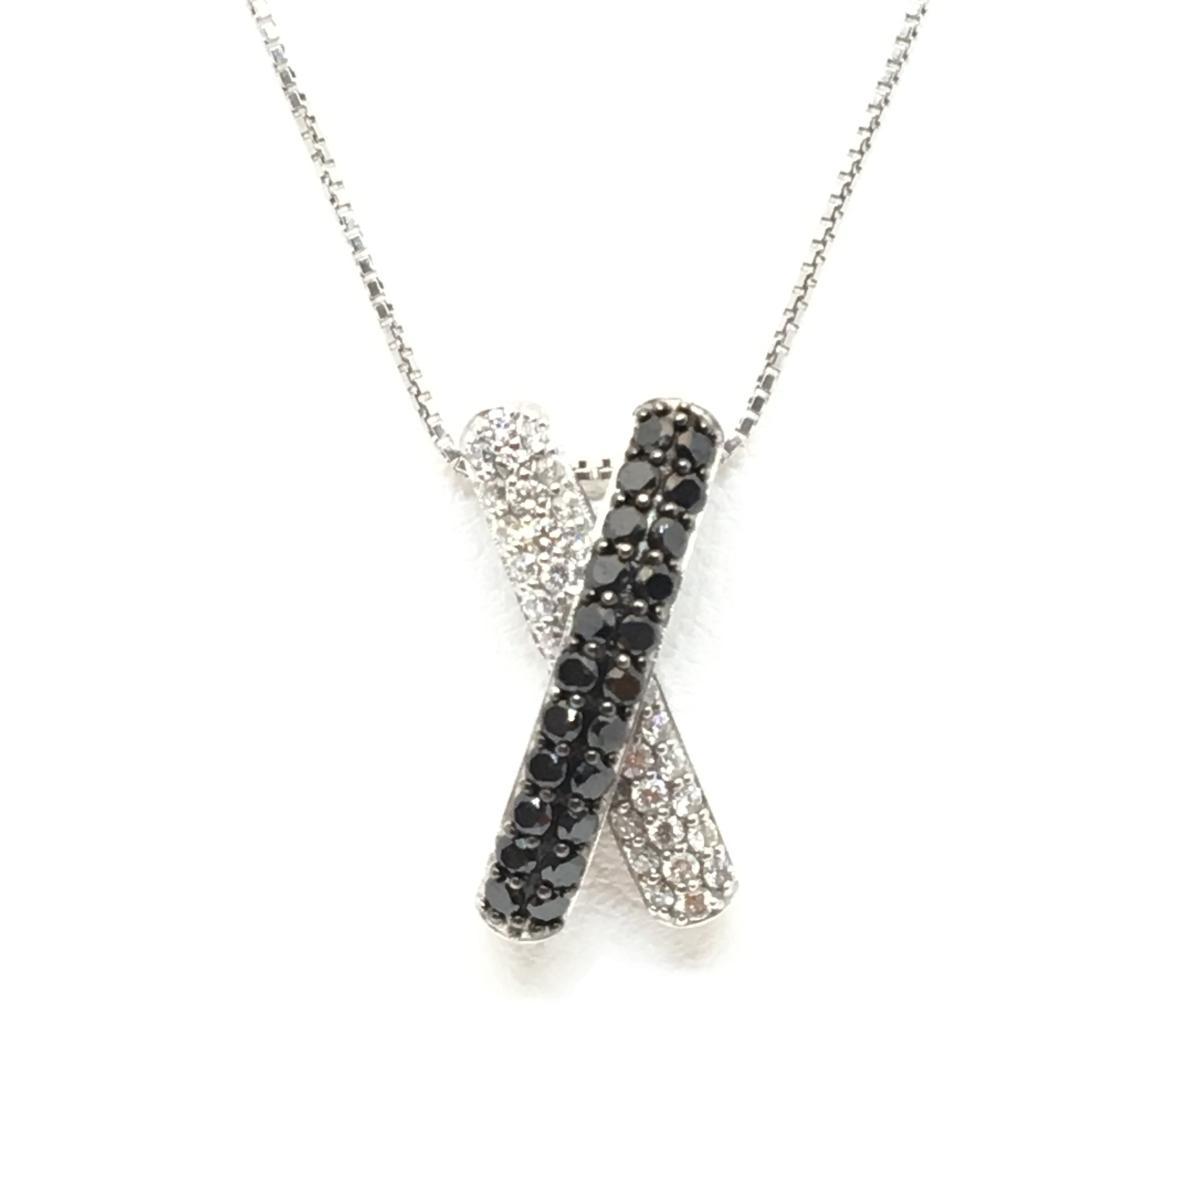 【中古】 ジュエリー K18WG ダイヤモンド ネックレス レディース (750) ホワイトゴールド ブラック x シルバー | JEWELRY BRANDOFF ブランドオフ ブランド アクセサリー ペンダント